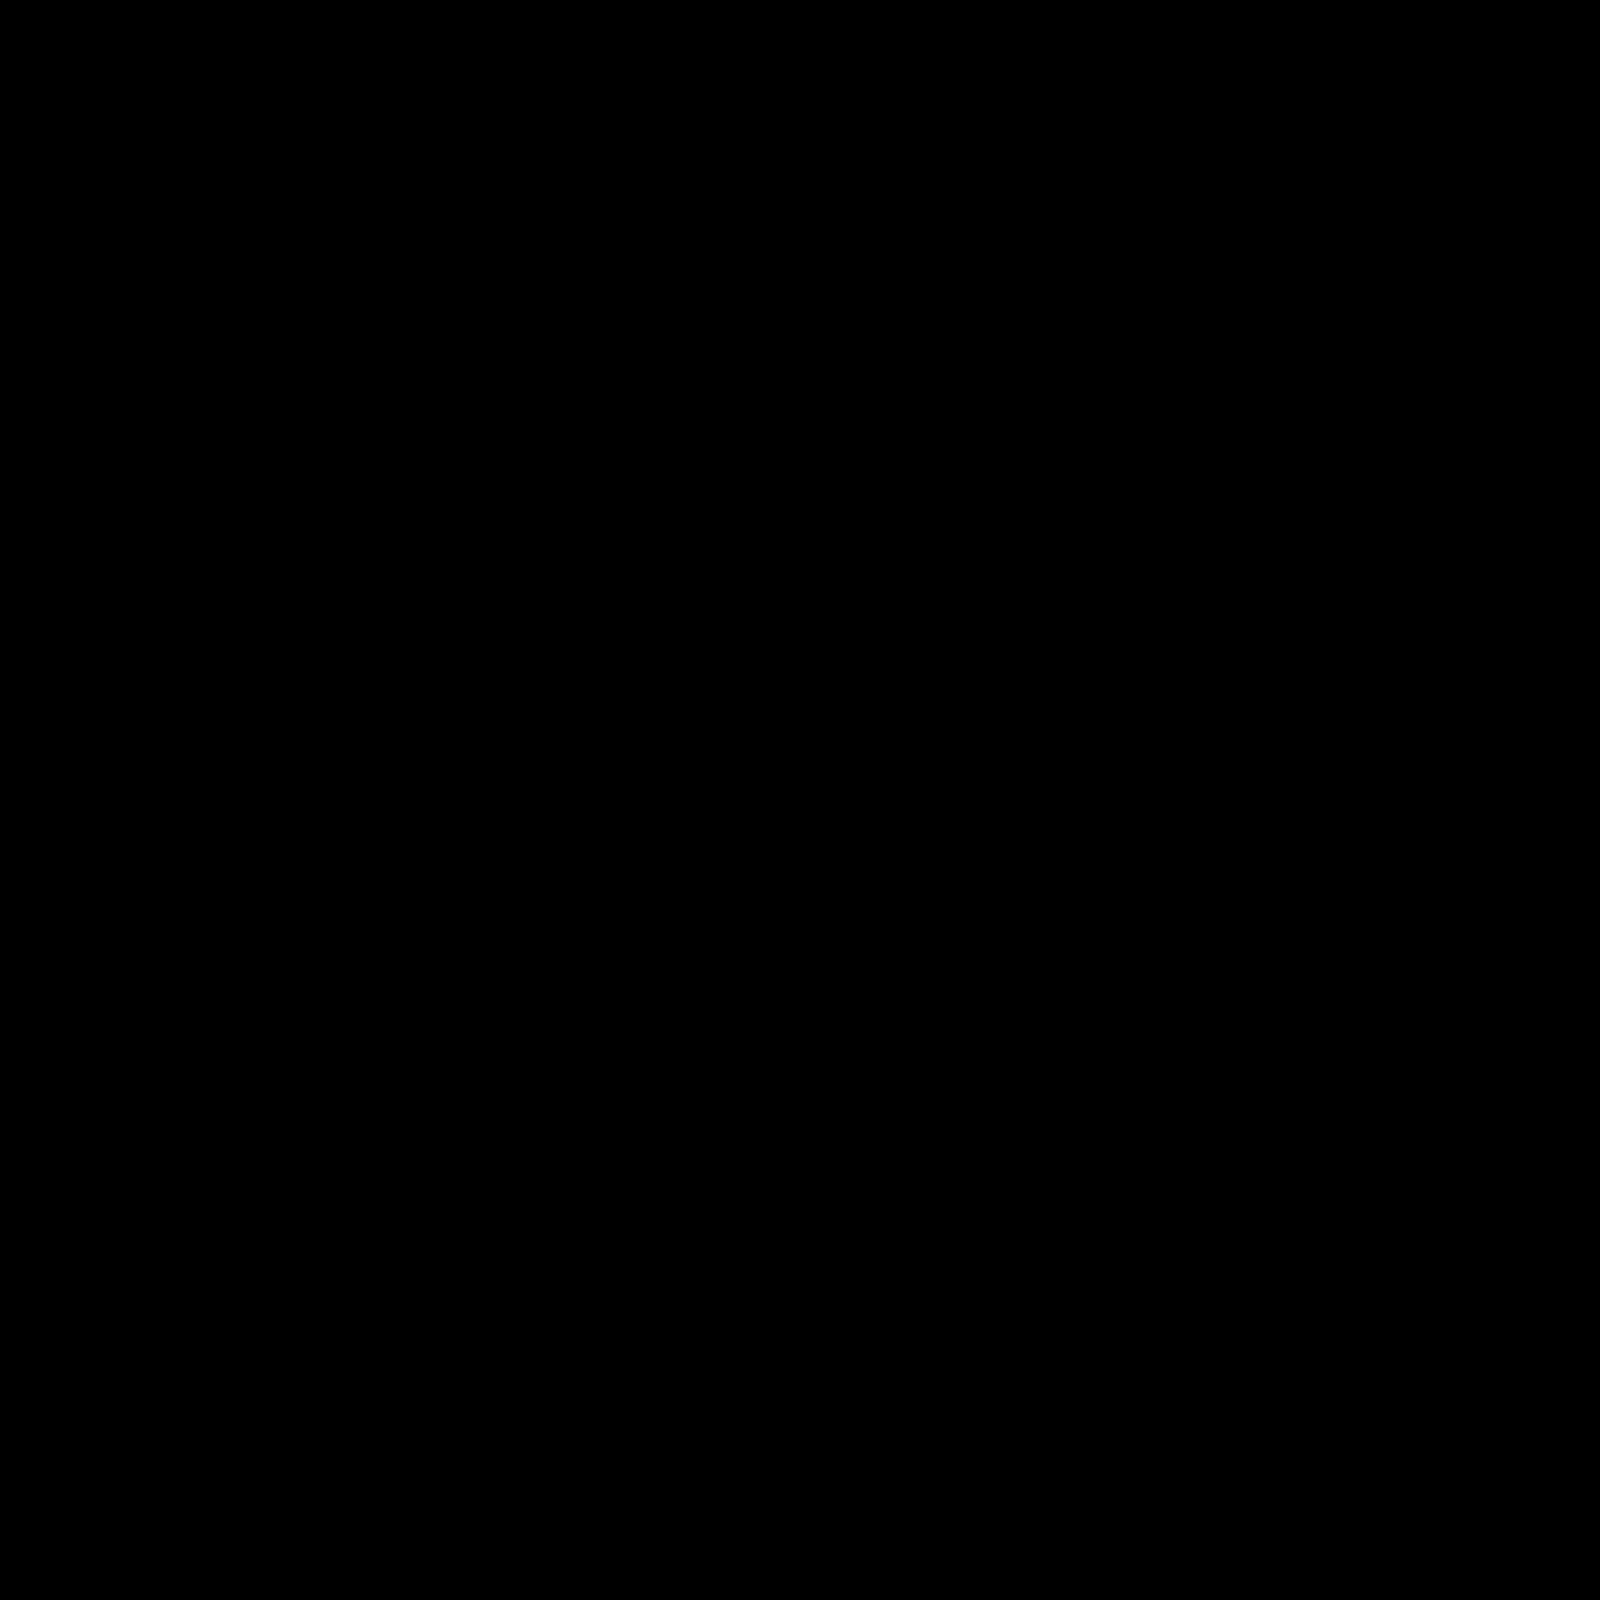 Znak równości 2 icon